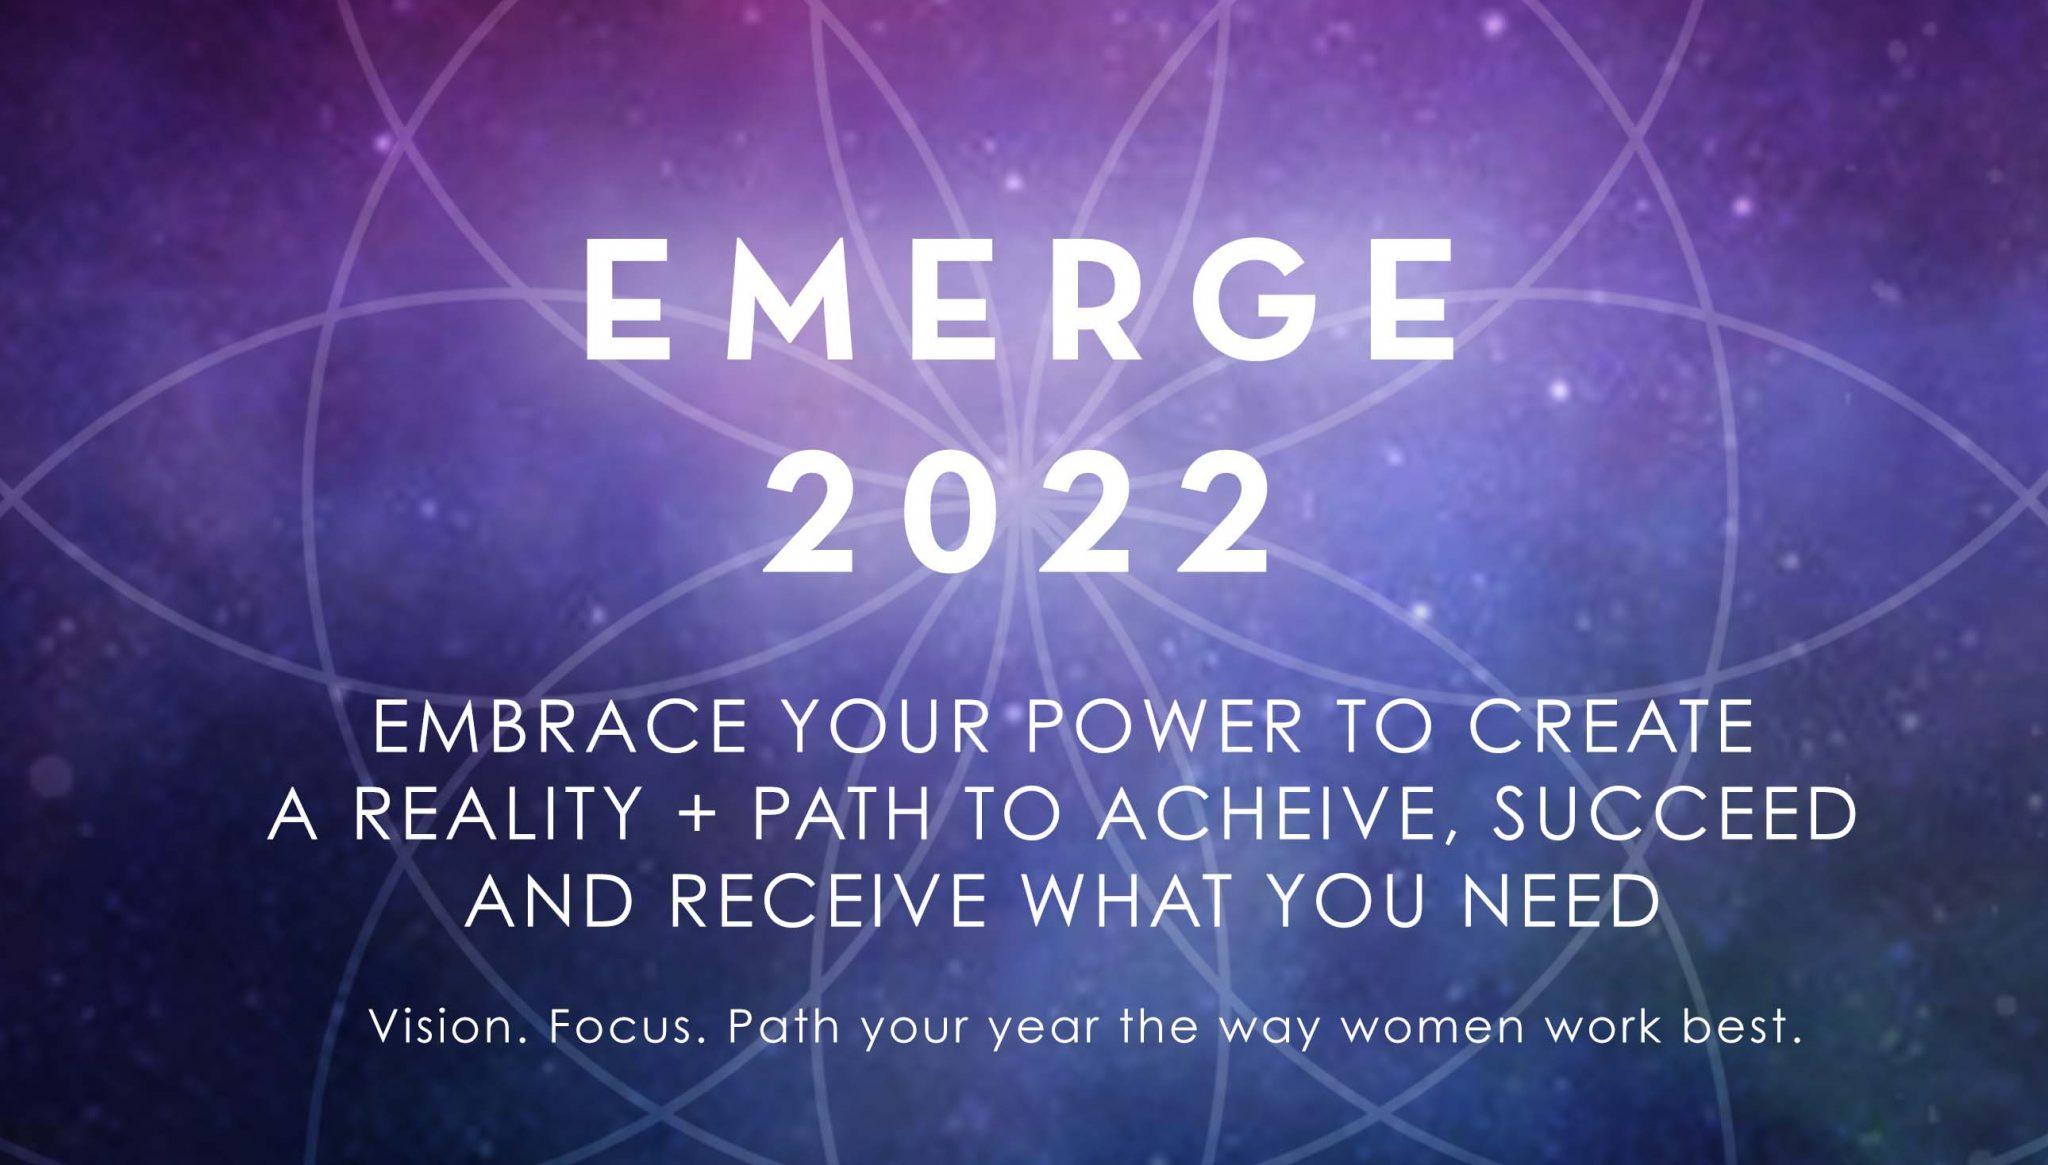 emerge-visioning-workshop-christine-arylo